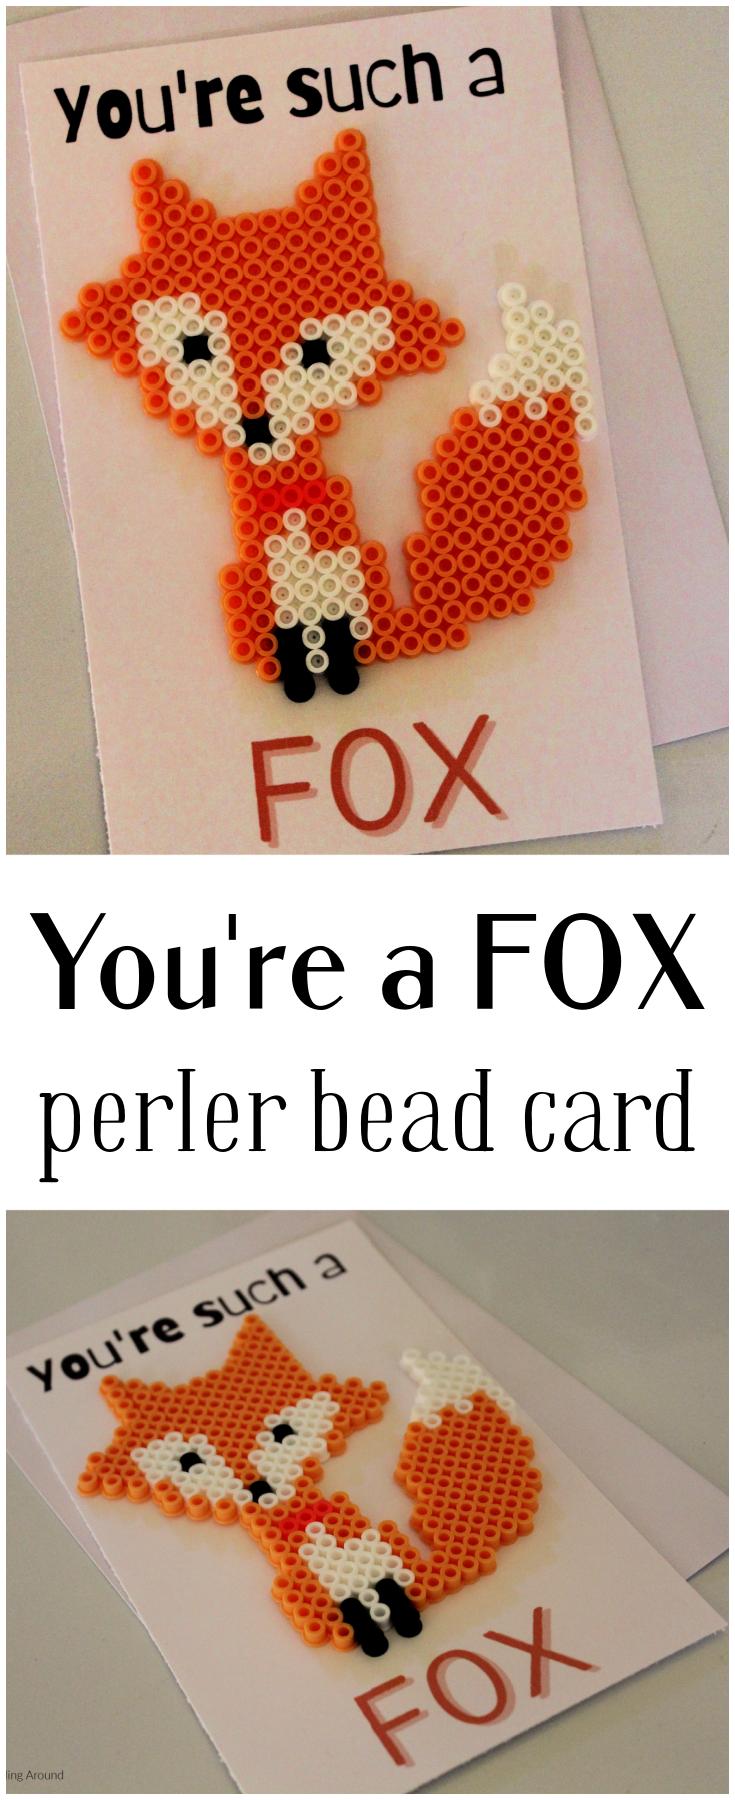 Such a Fox Perler Bead Card